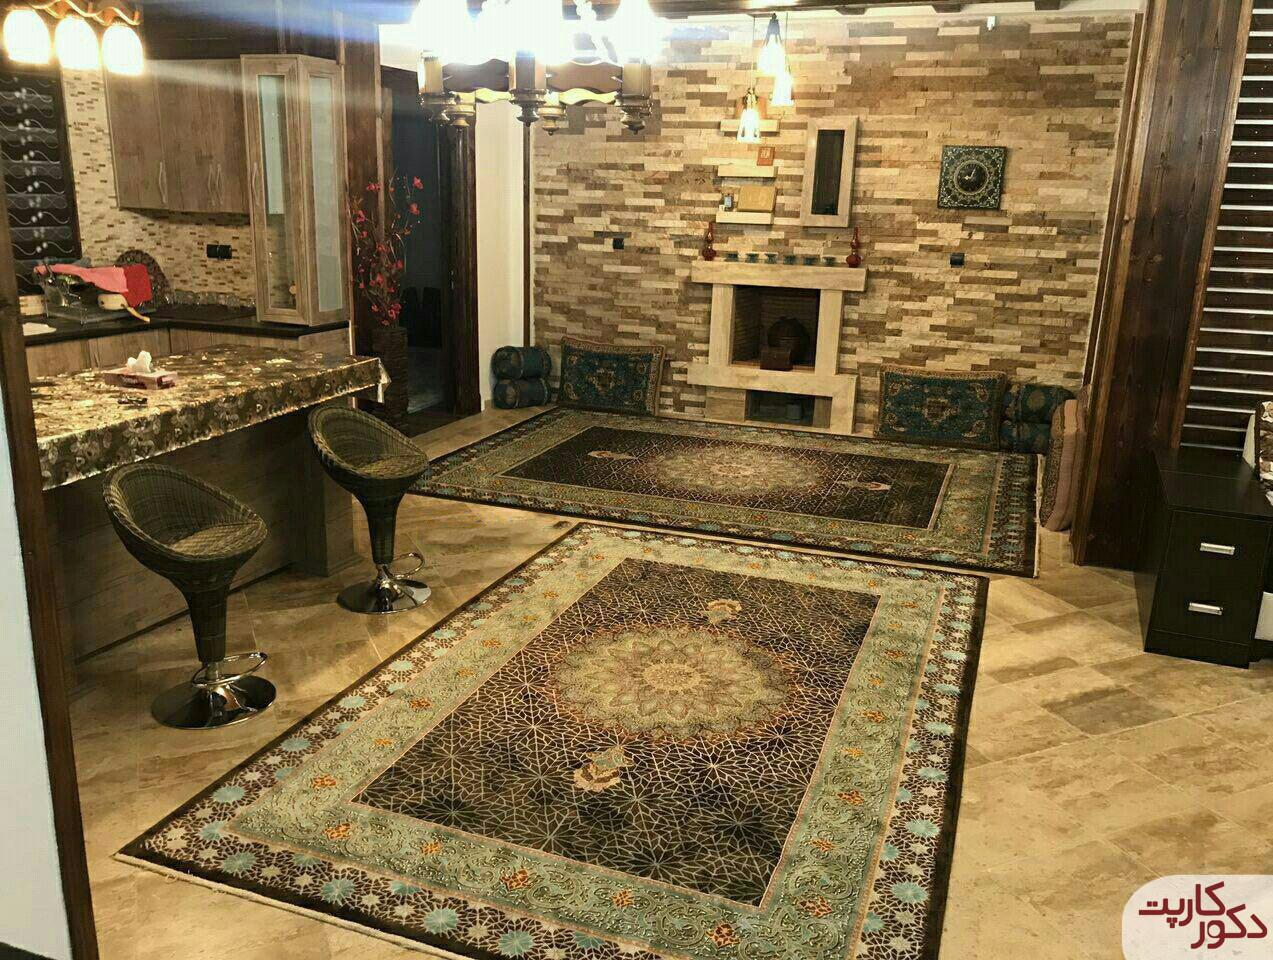 نمای فرش ستاره قهوه ای در کنار سایر وسایل قهوه ای رنگ